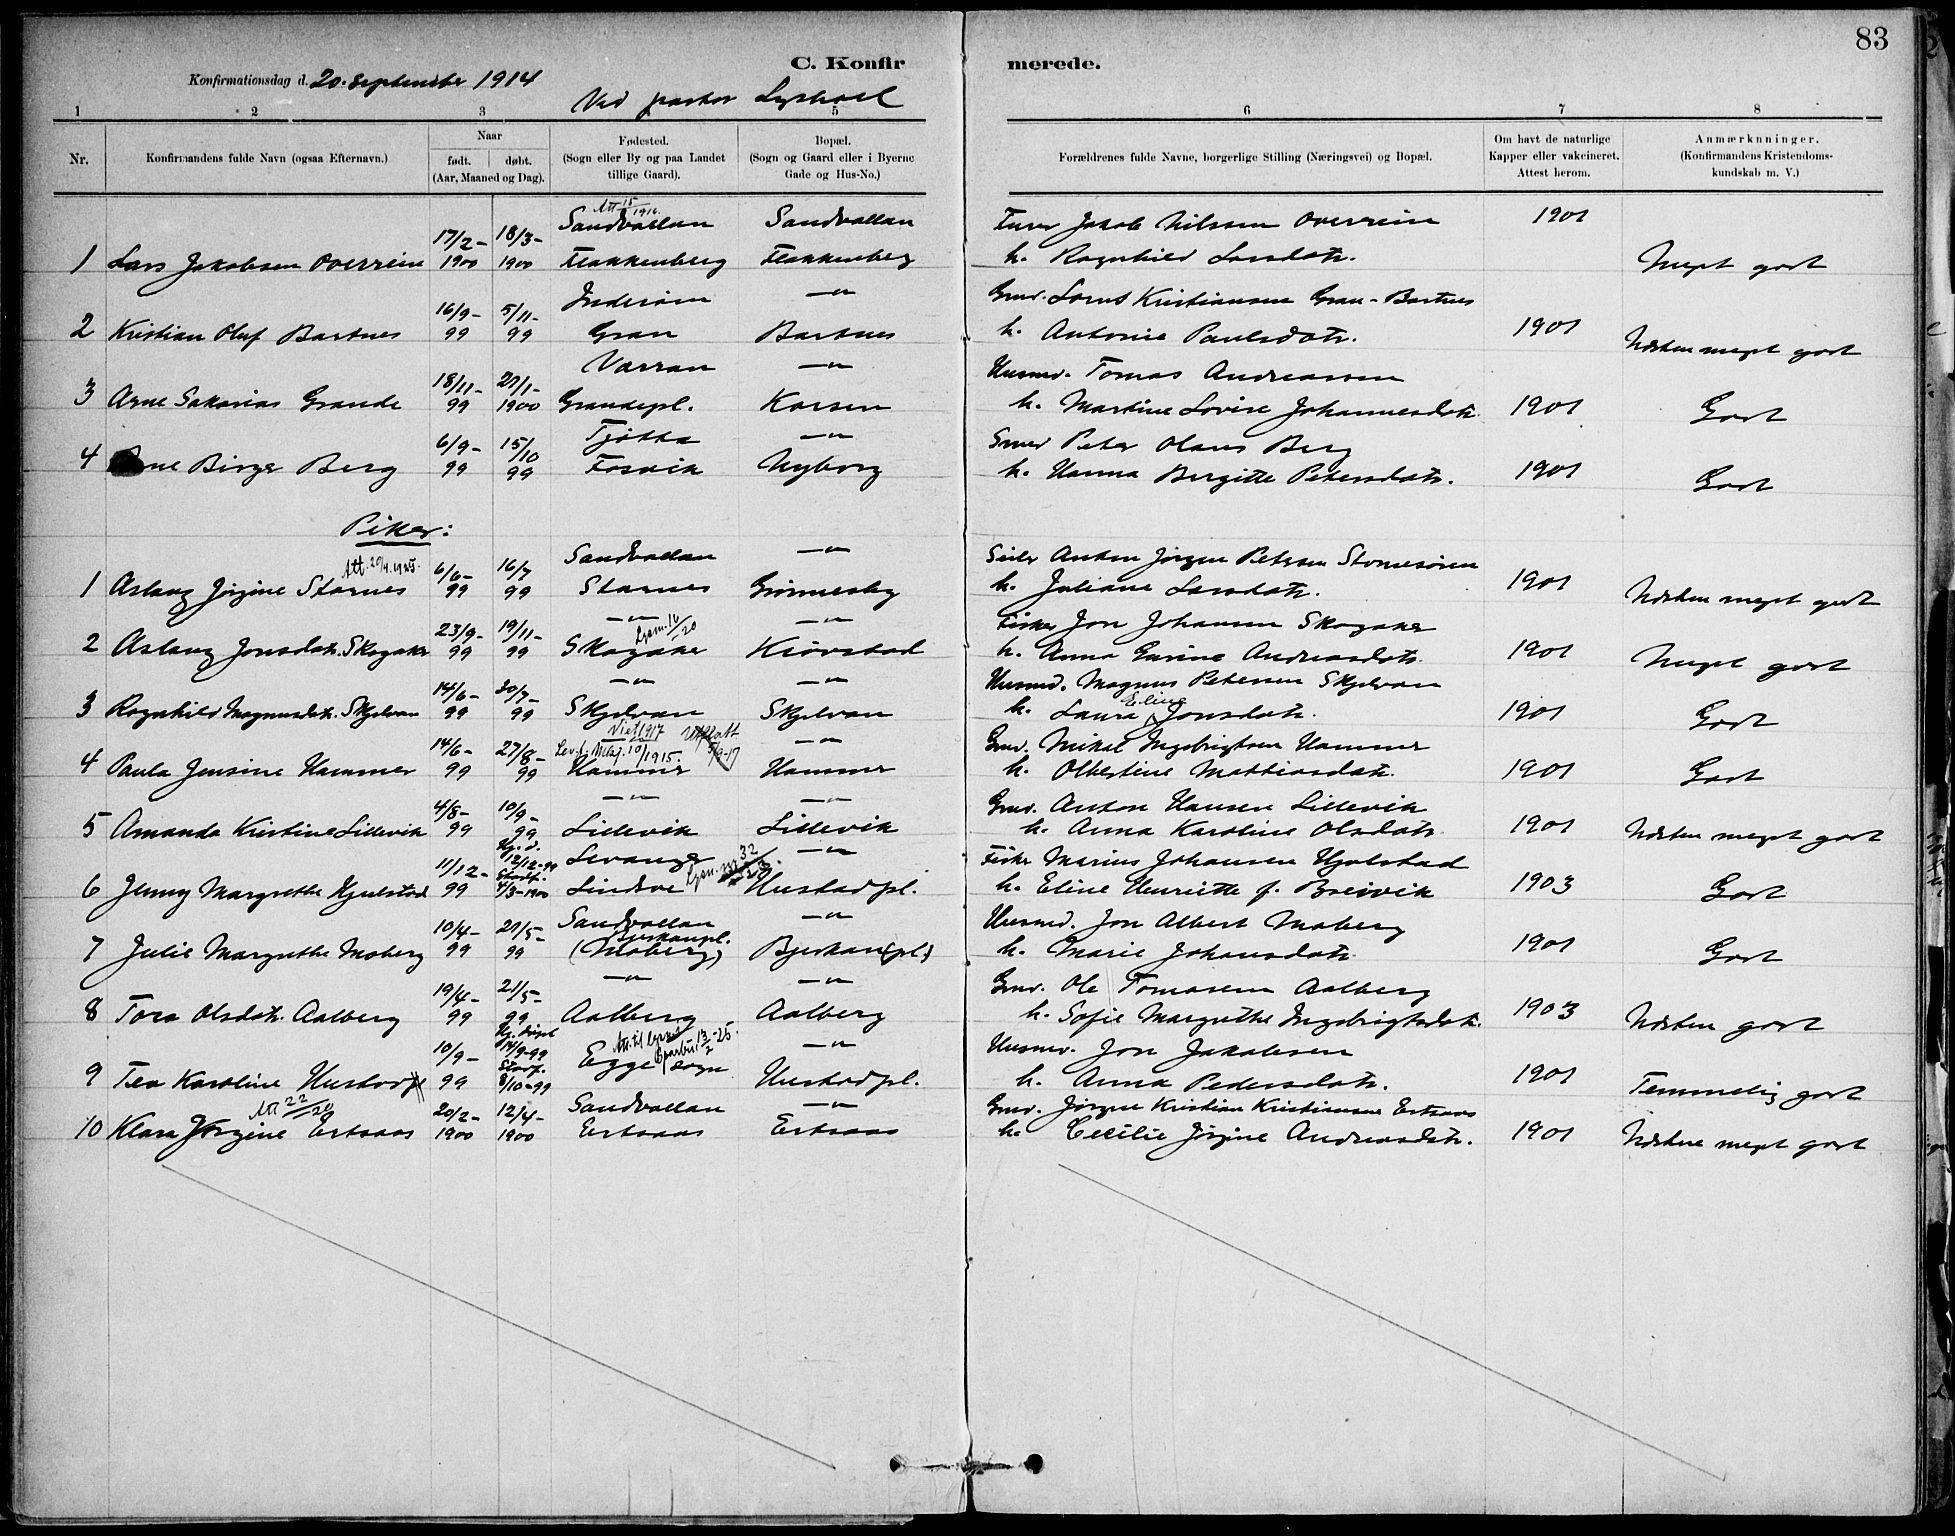 SAT, Ministerialprotokoller, klokkerbøker og fødselsregistre - Nord-Trøndelag, 732/L0316: Ministerialbok nr. 732A01, 1879-1921, s. 83